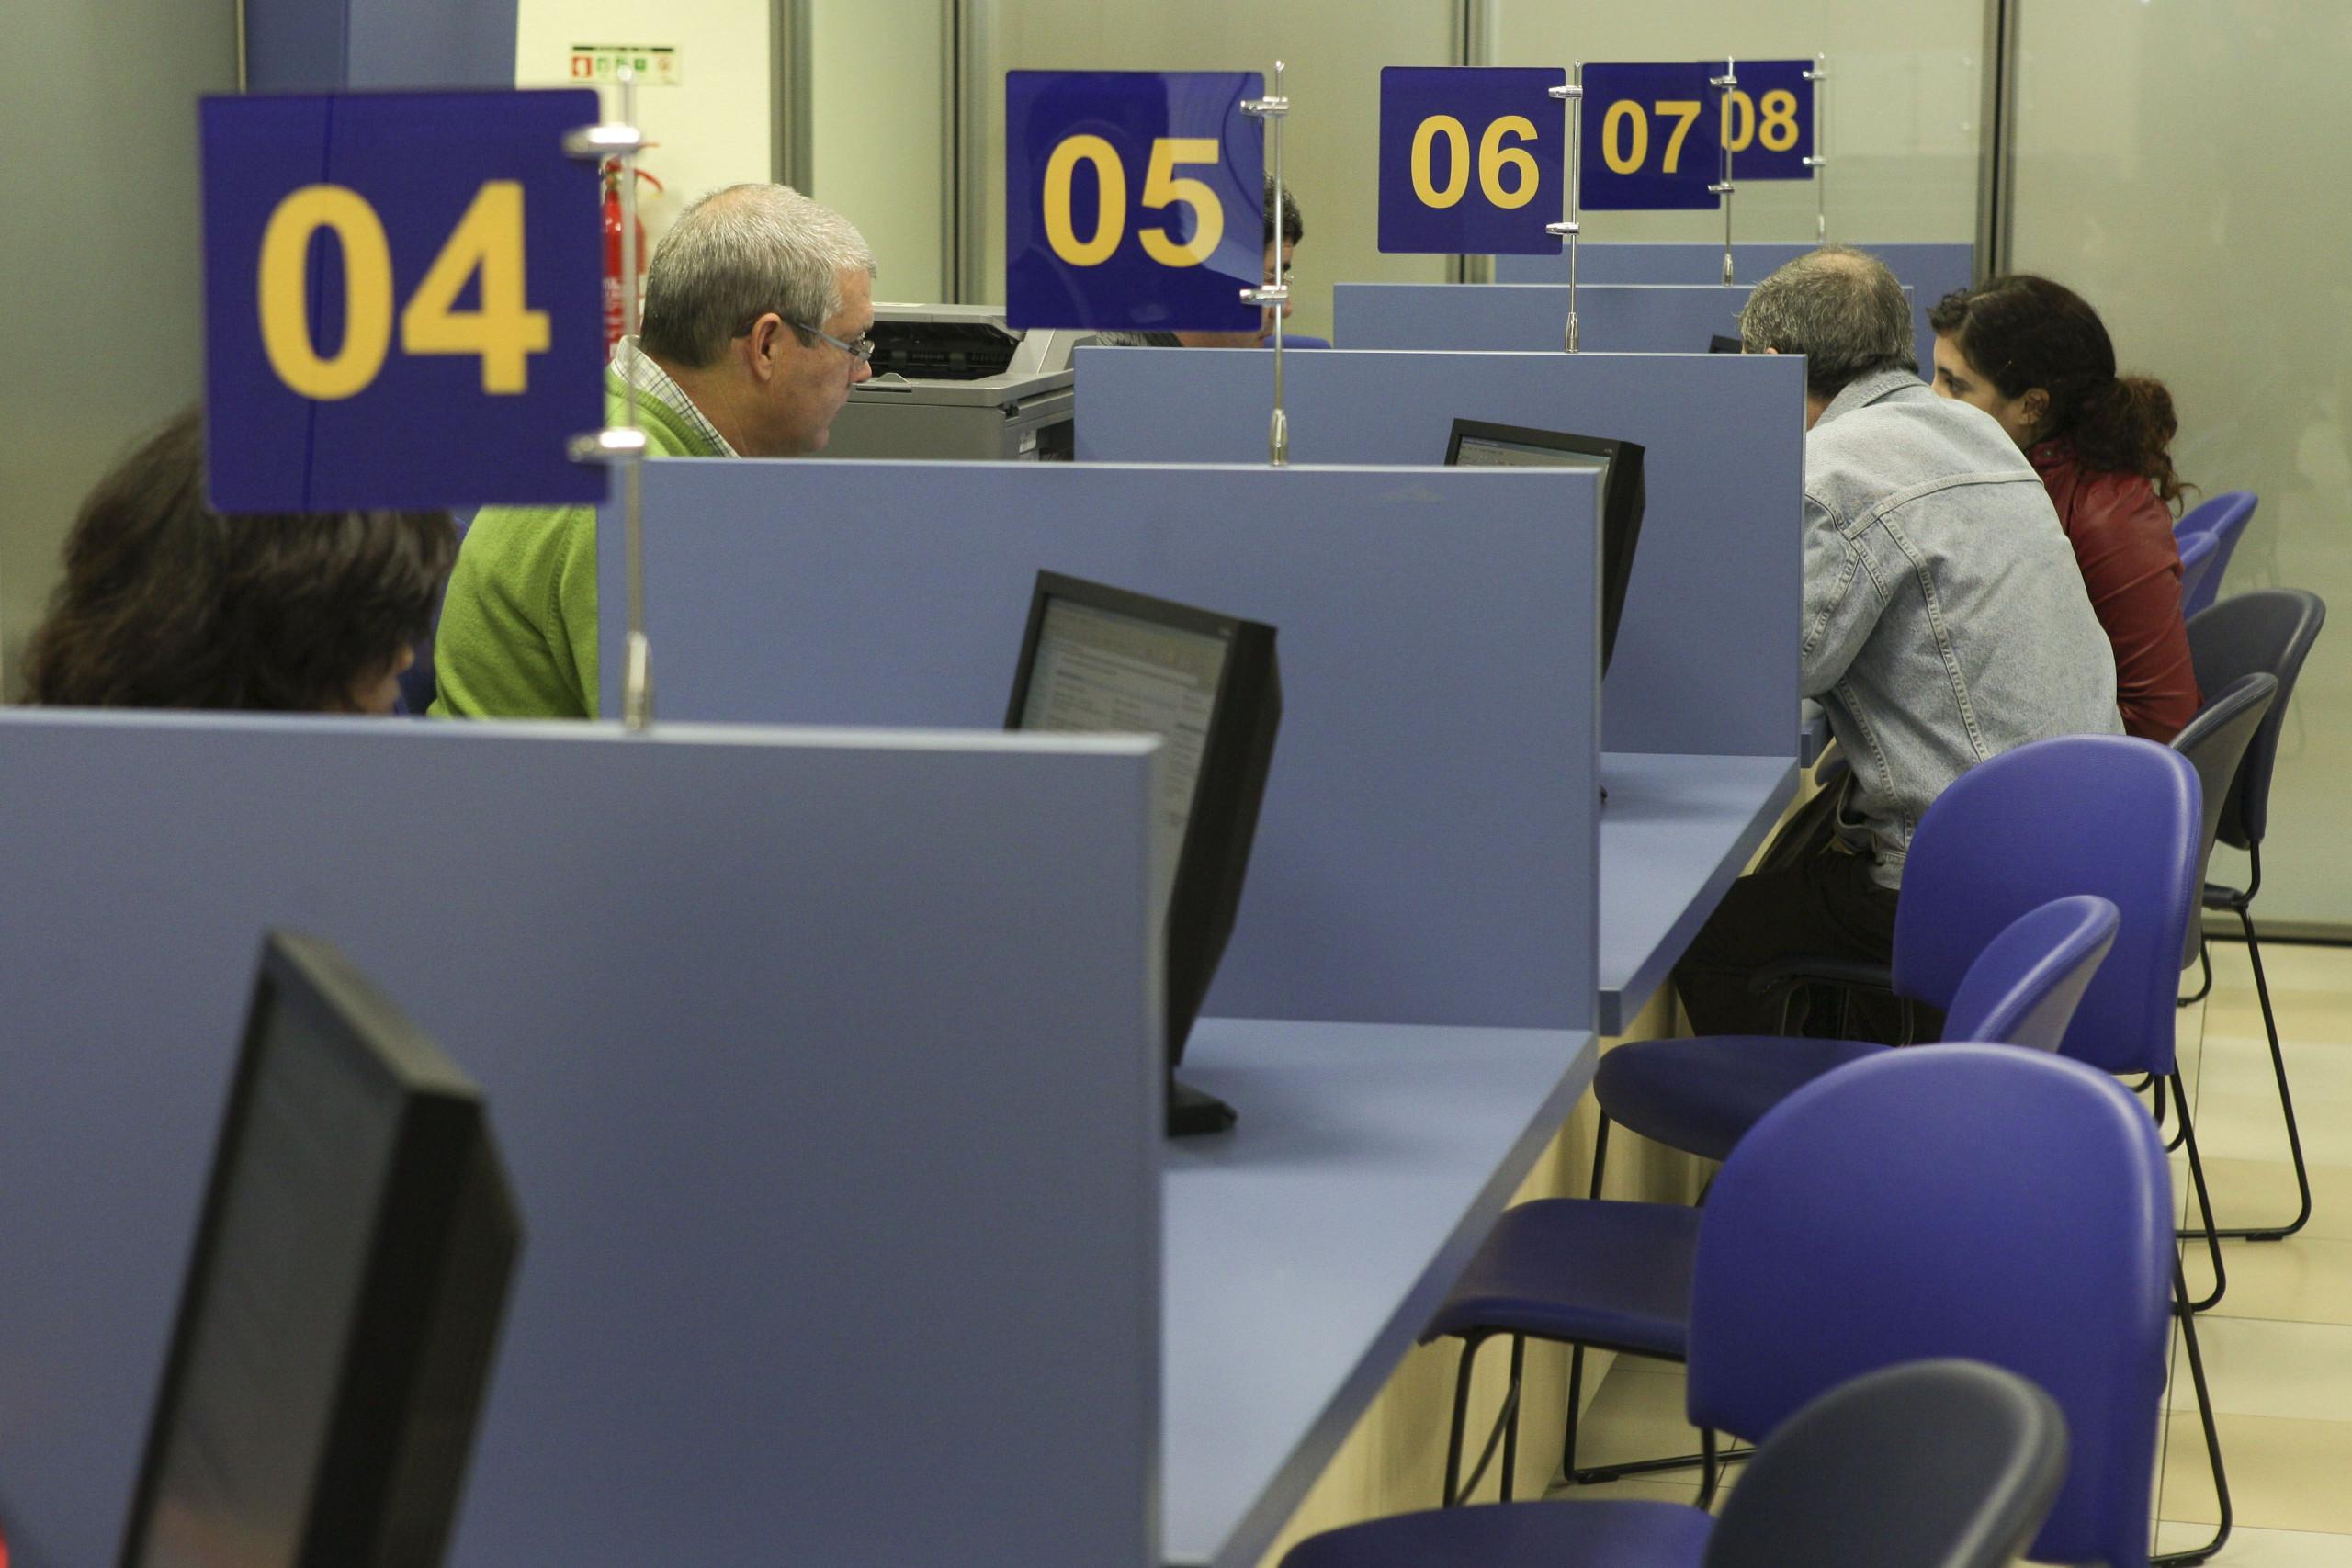 Reformados do Estado vão poder trabalhar após os 70 anos sem penalização